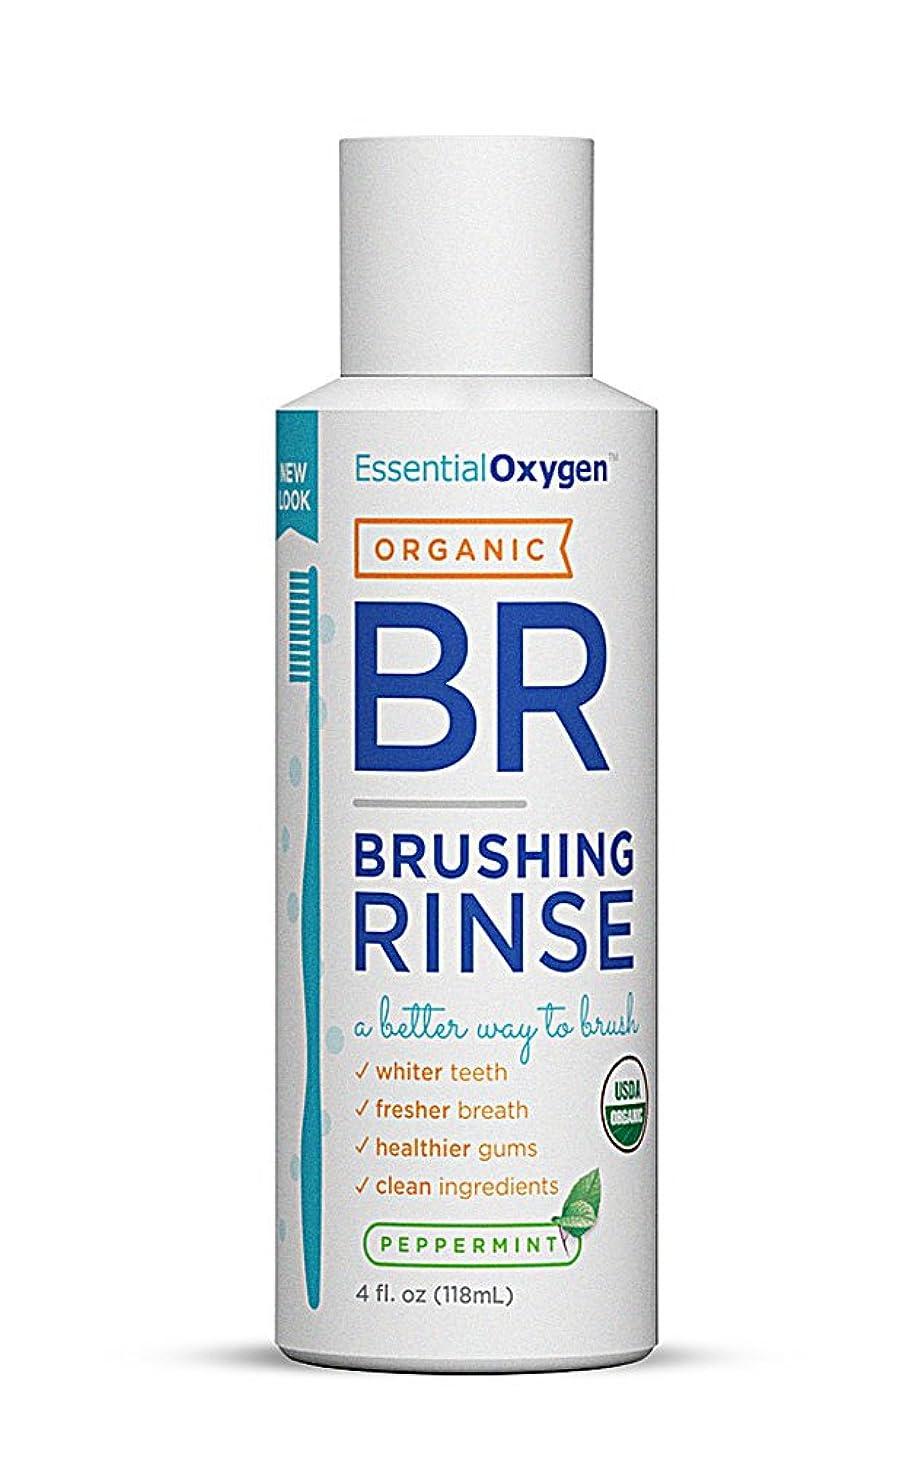 バレル聞きます使役海外直送品Essential Oxygen+ Brushing Rinse, Peppermint 4 oz by Raw Essentials Living Foods